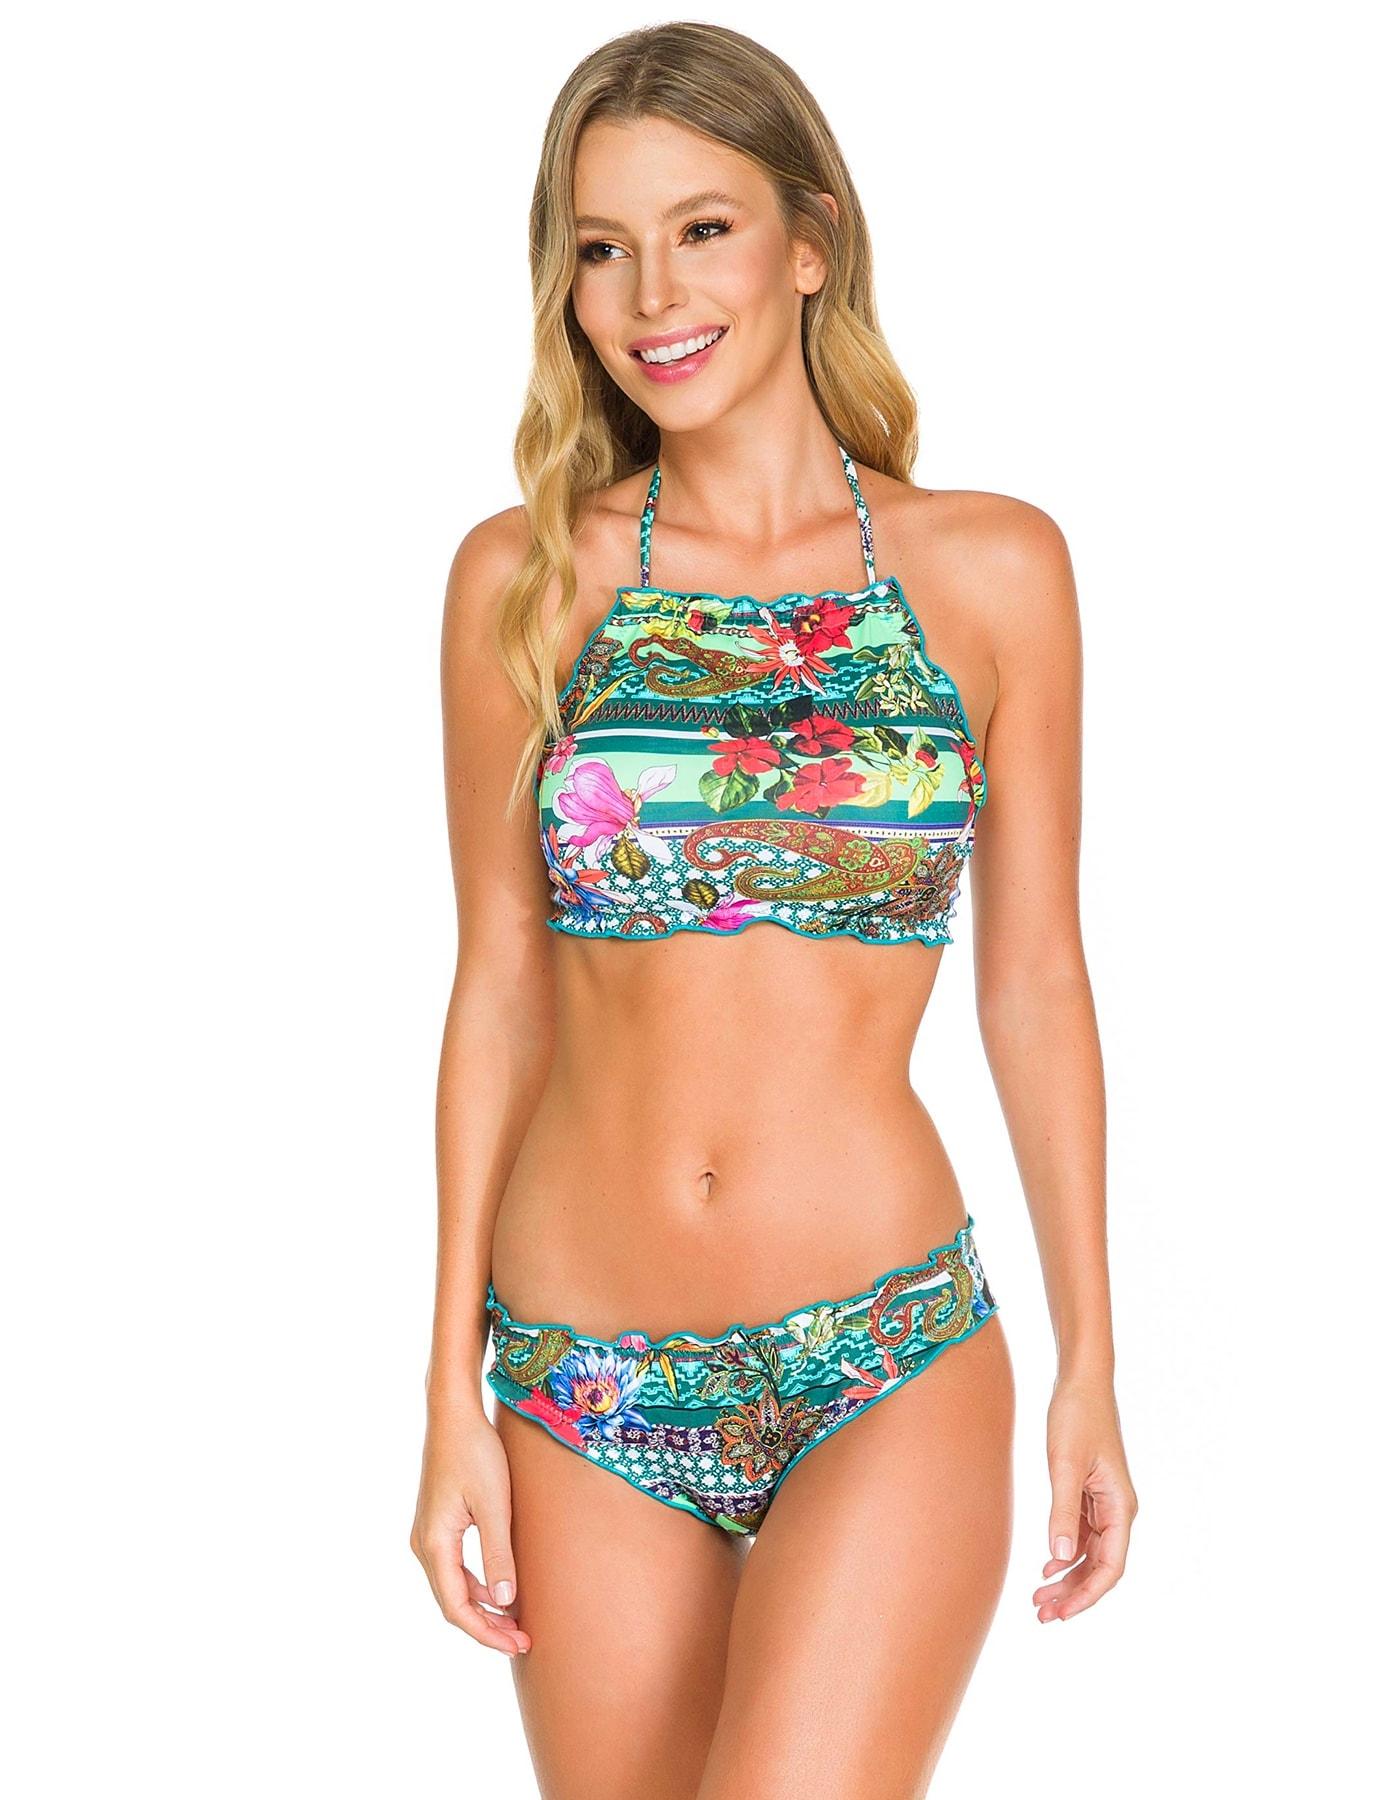 Bikini Crop Top floral anudado en cuello y espalda + Braguita floral Reversible C